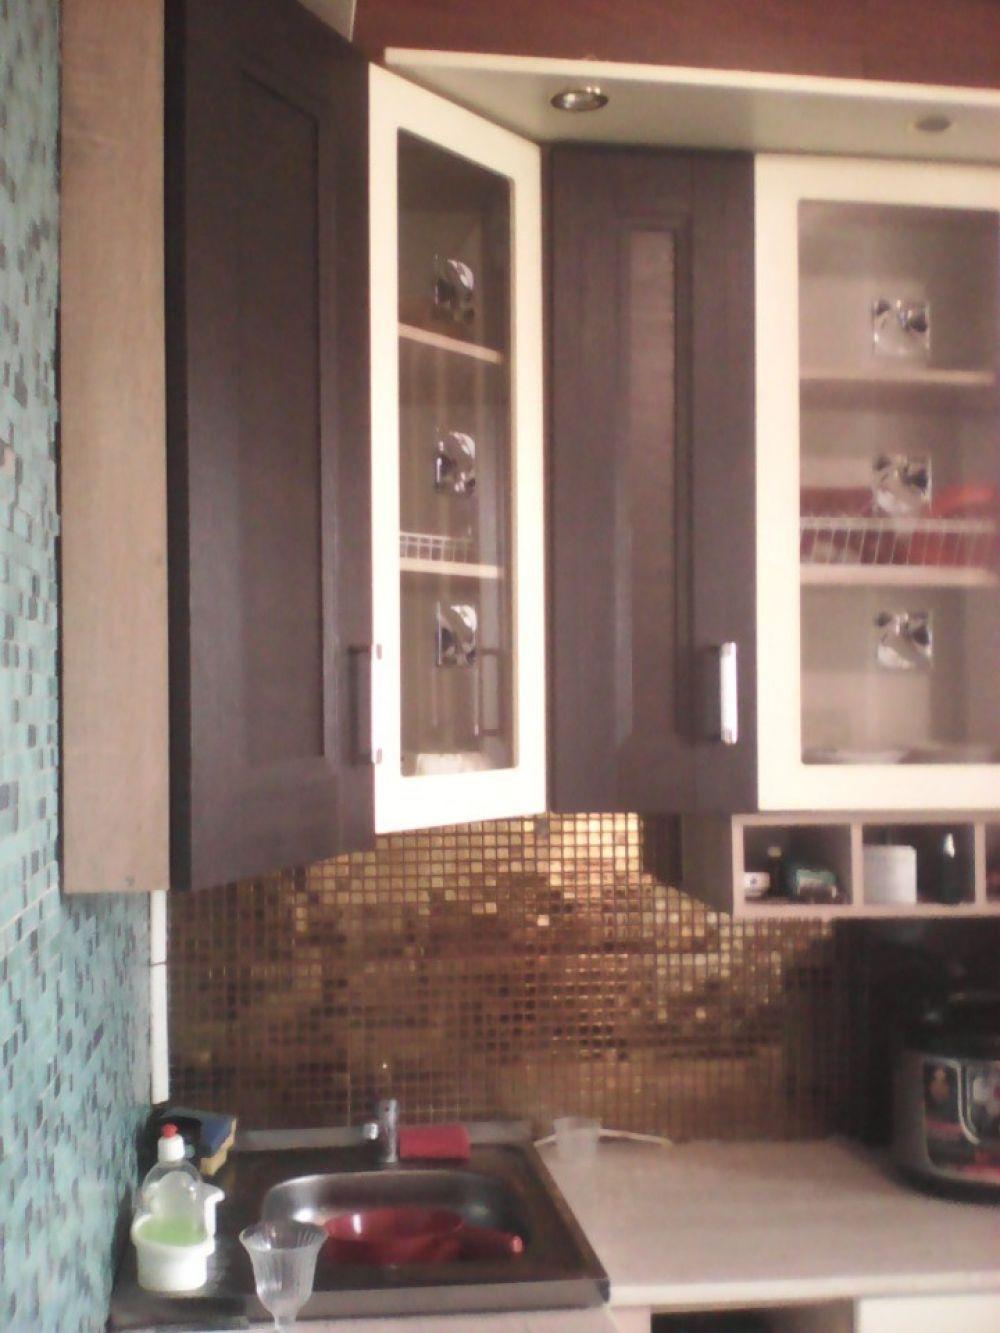 Однокомнатная квартира  37 м2, Богородский мкр дом 7 г. Щелково, фото 1